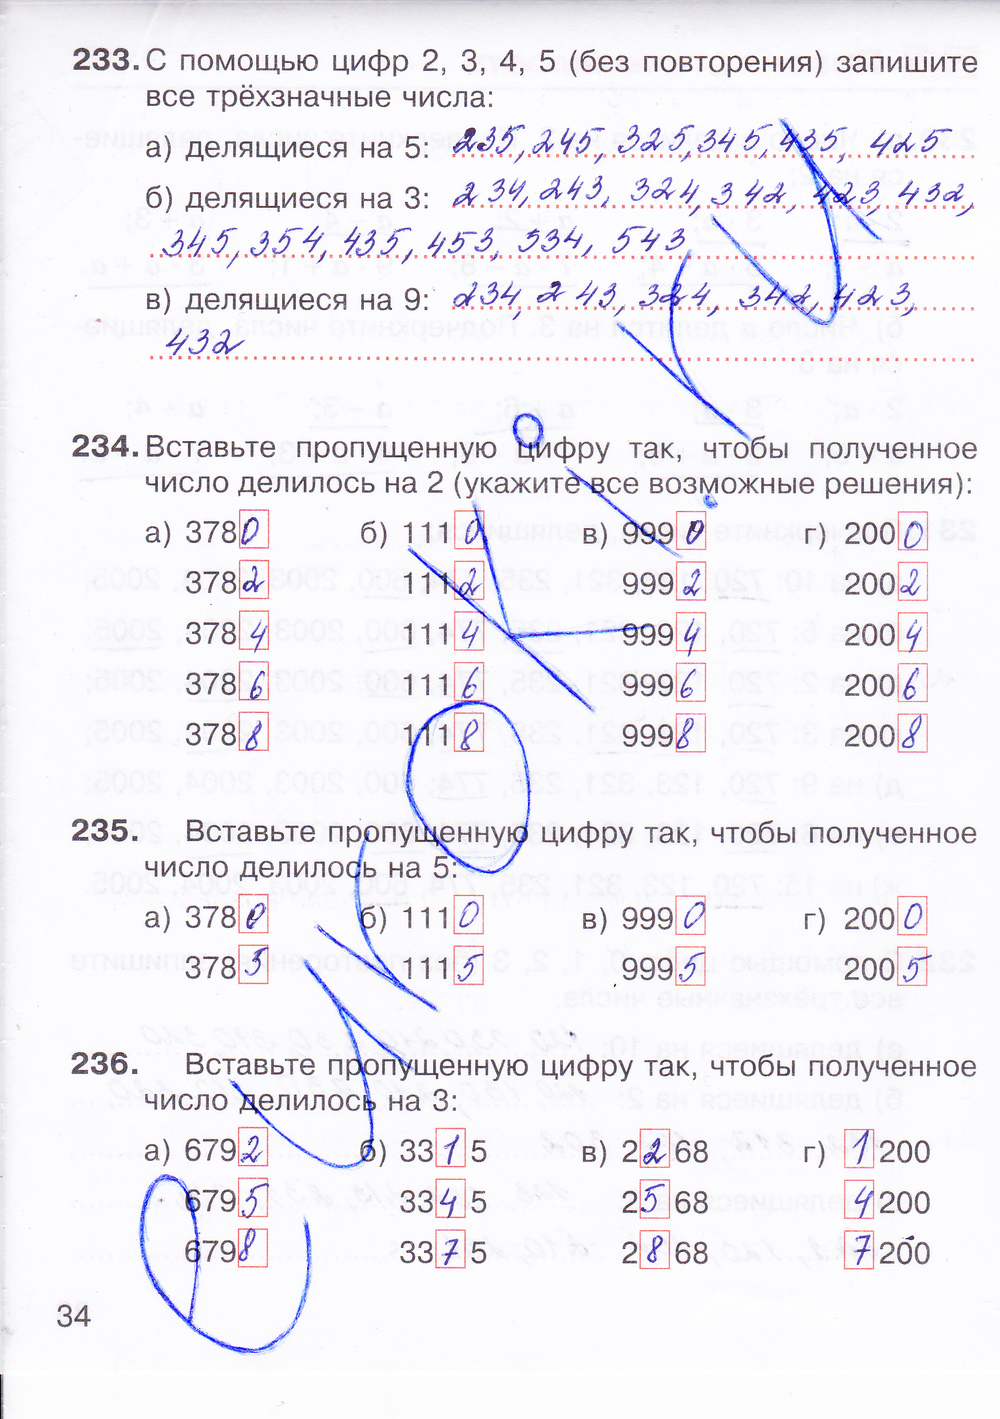 гдз по математике 5 класс никольский 2 часть решебник